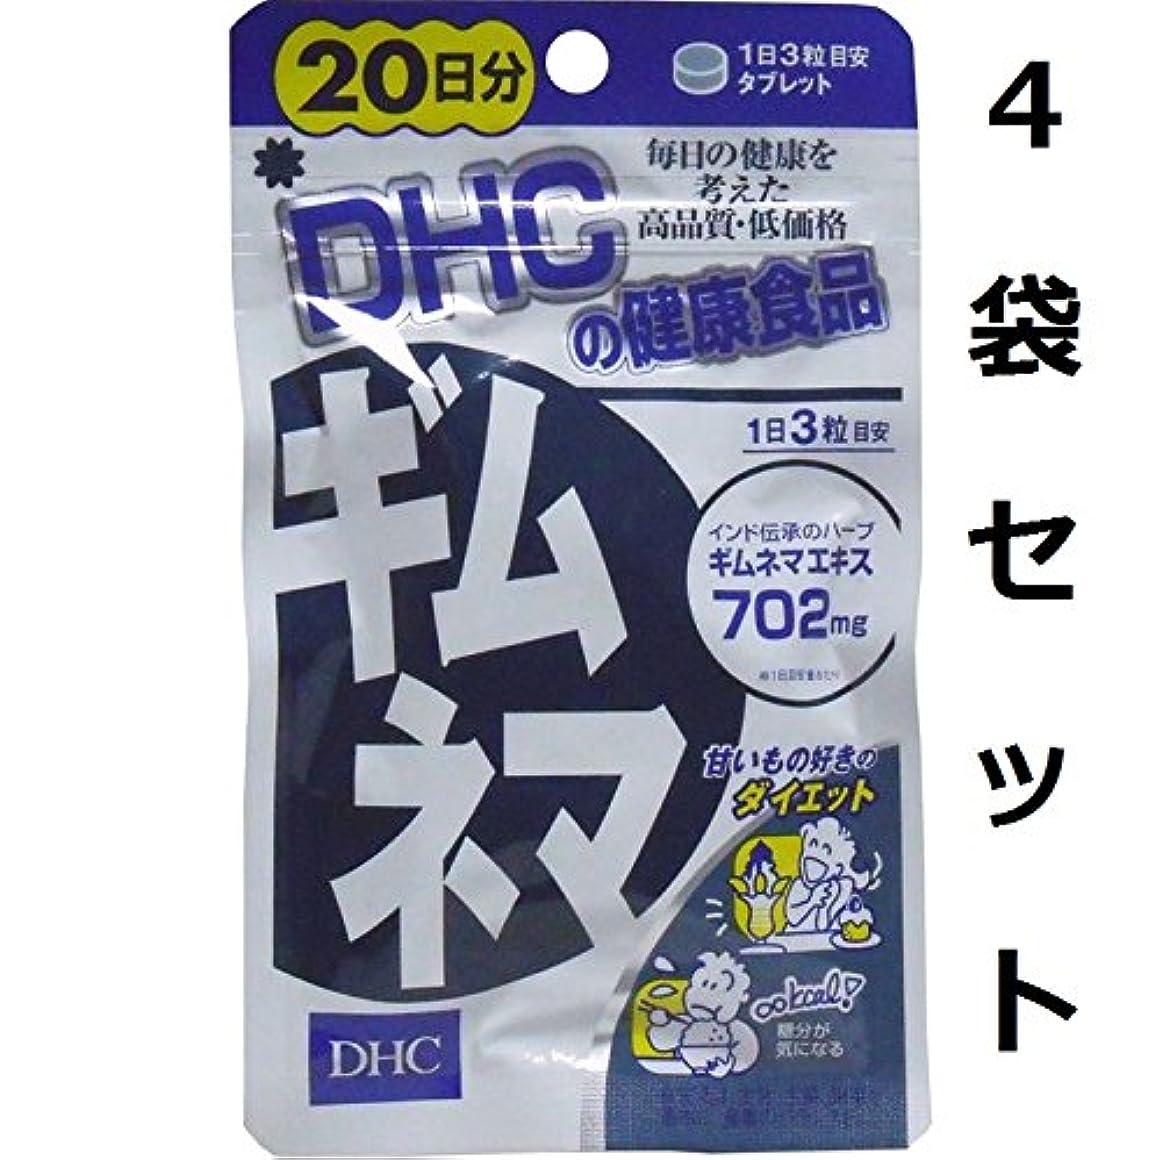 承知しました好きである検出器糖分や炭水化物を多く摂る人に DHC ギムネマ 20日分 60粒 4袋セット